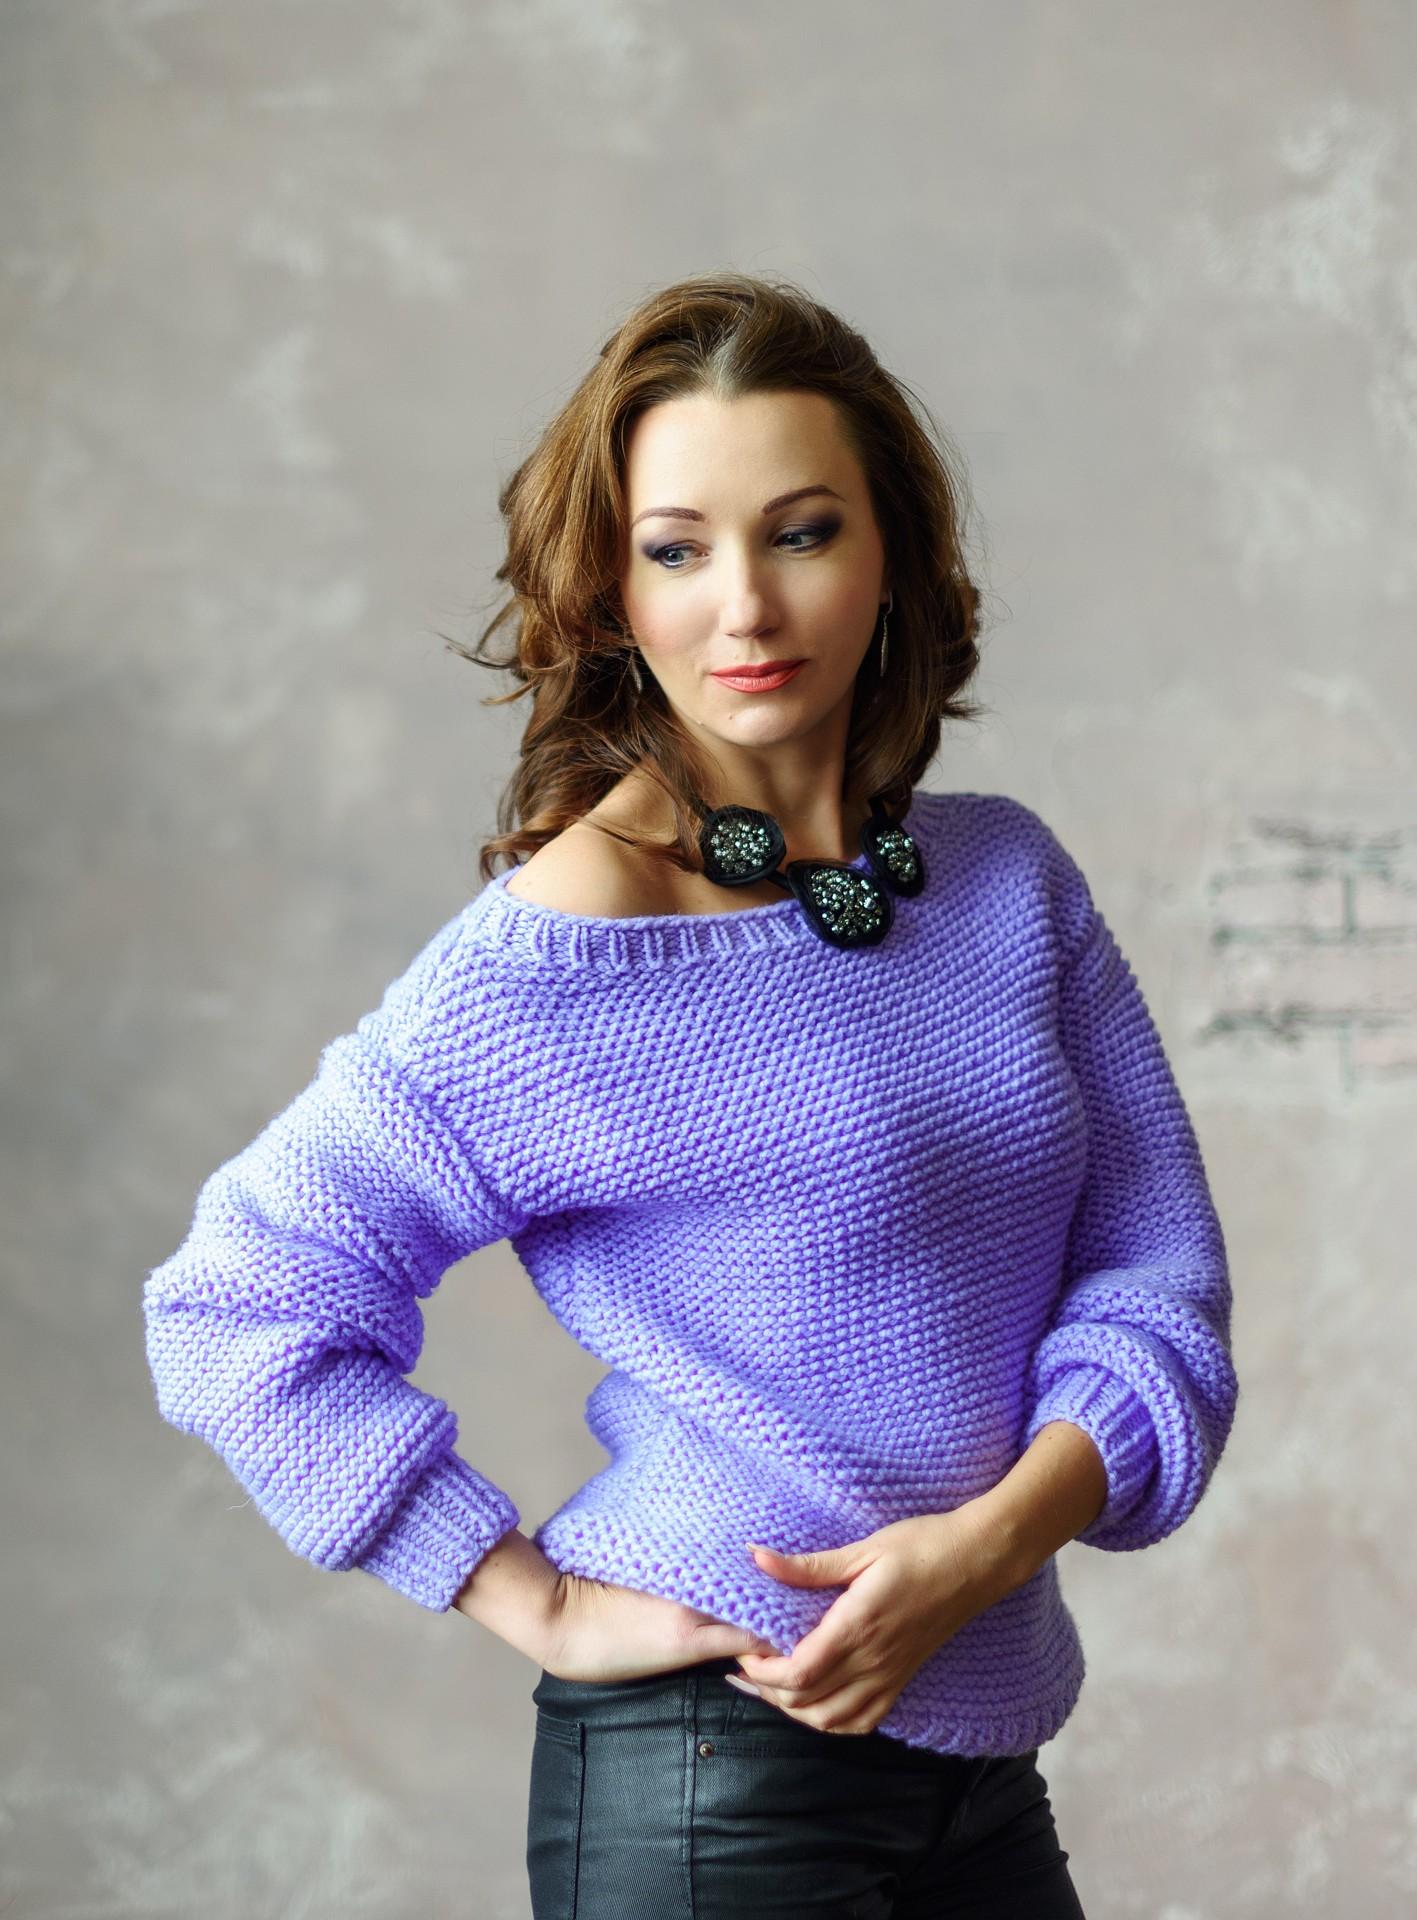 Вязание спицами свитера для начинающих мастер класс 65